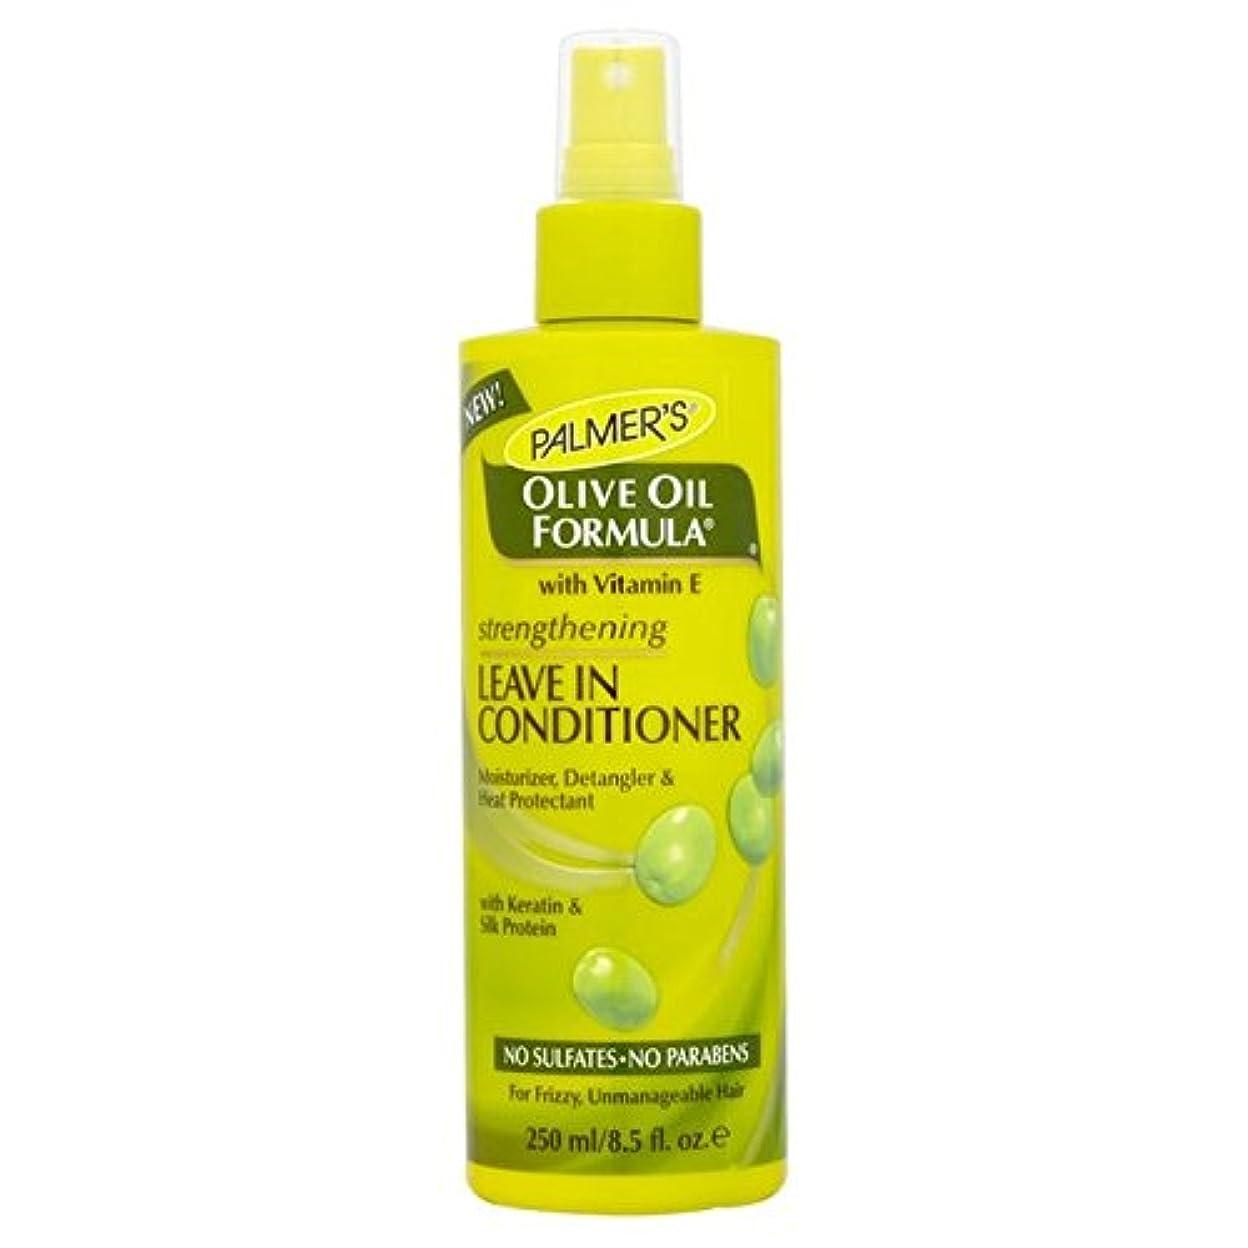 セージ潮三角Palmer's Olive Oil Formula Strengthening Leave-in Conditioner 250ml - リーブインコンディショナー250を強化パーマーのオリーブオイル式 [並行輸入品]